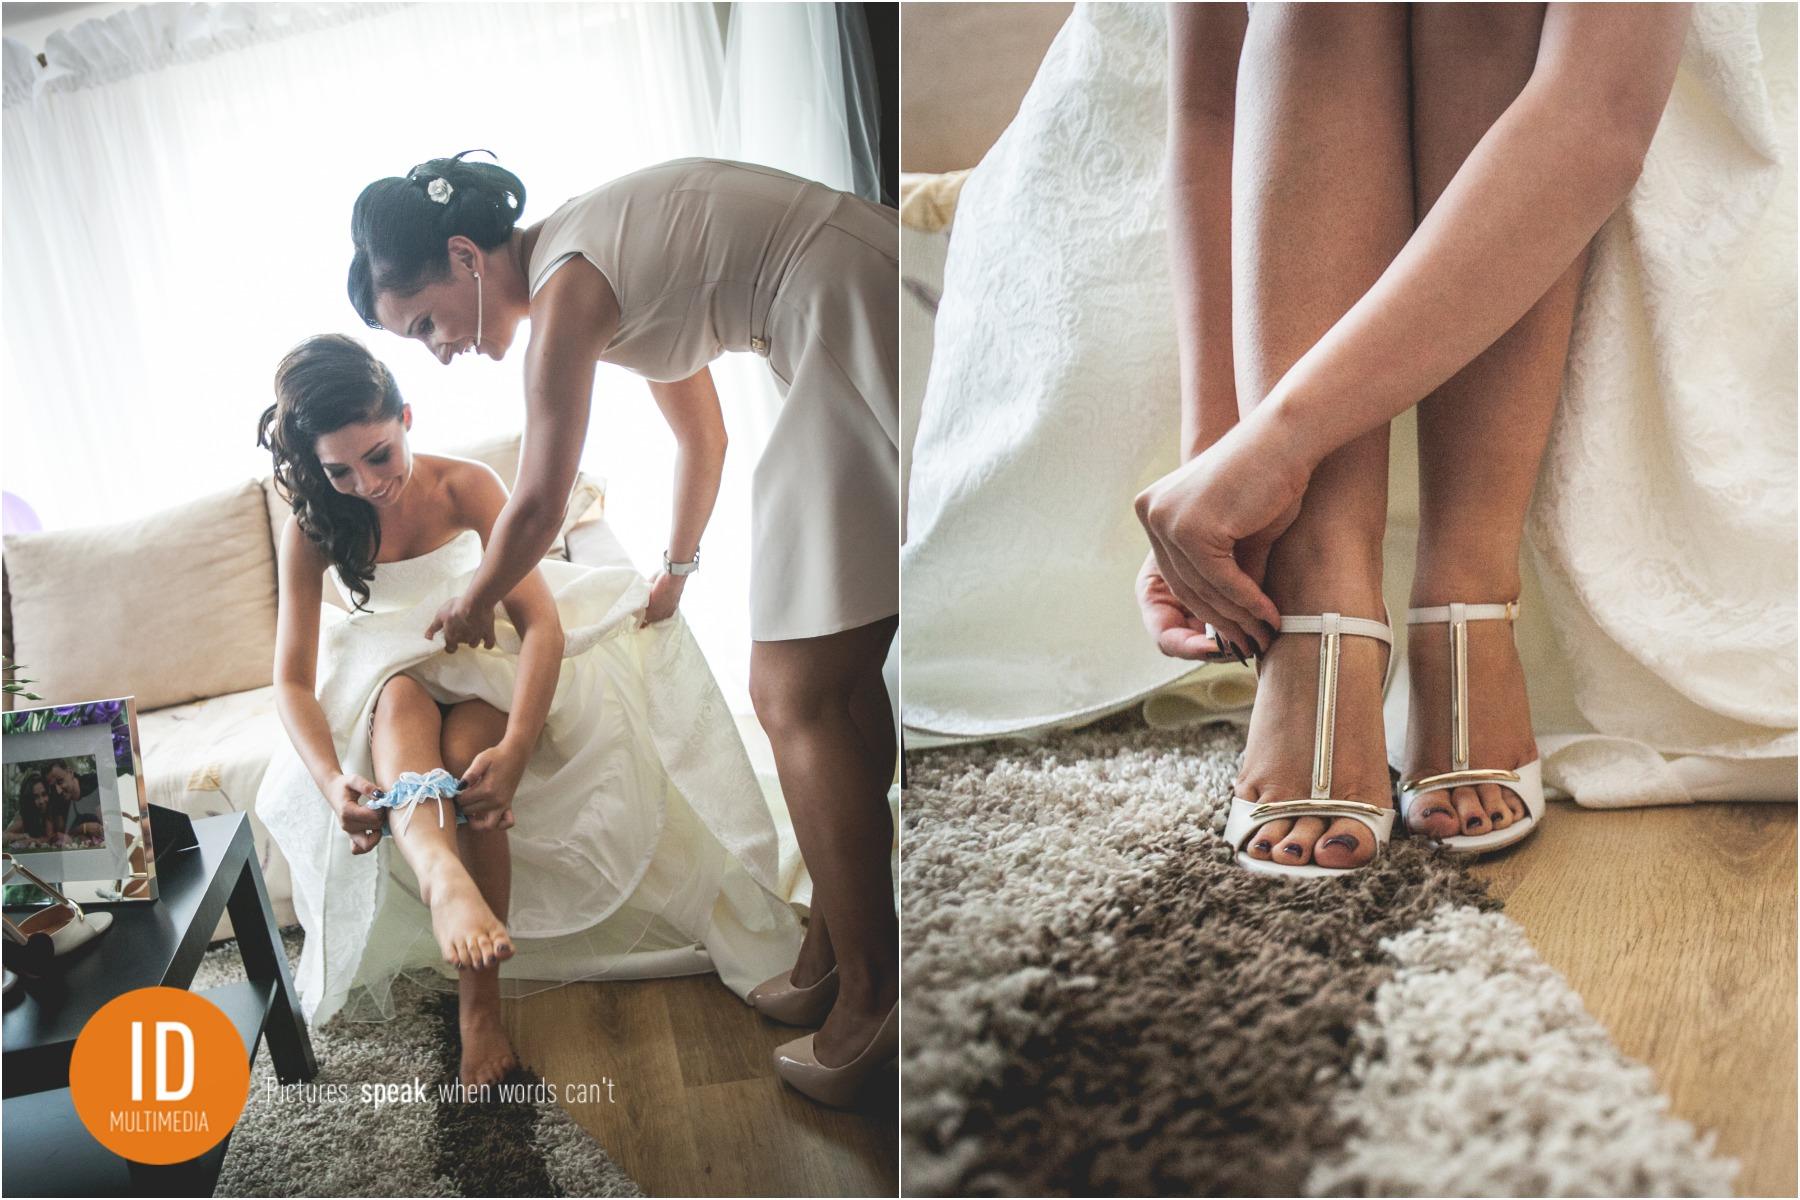 Karolina przygotowania do ślubu. Reportaż ślubny IdMultimedia